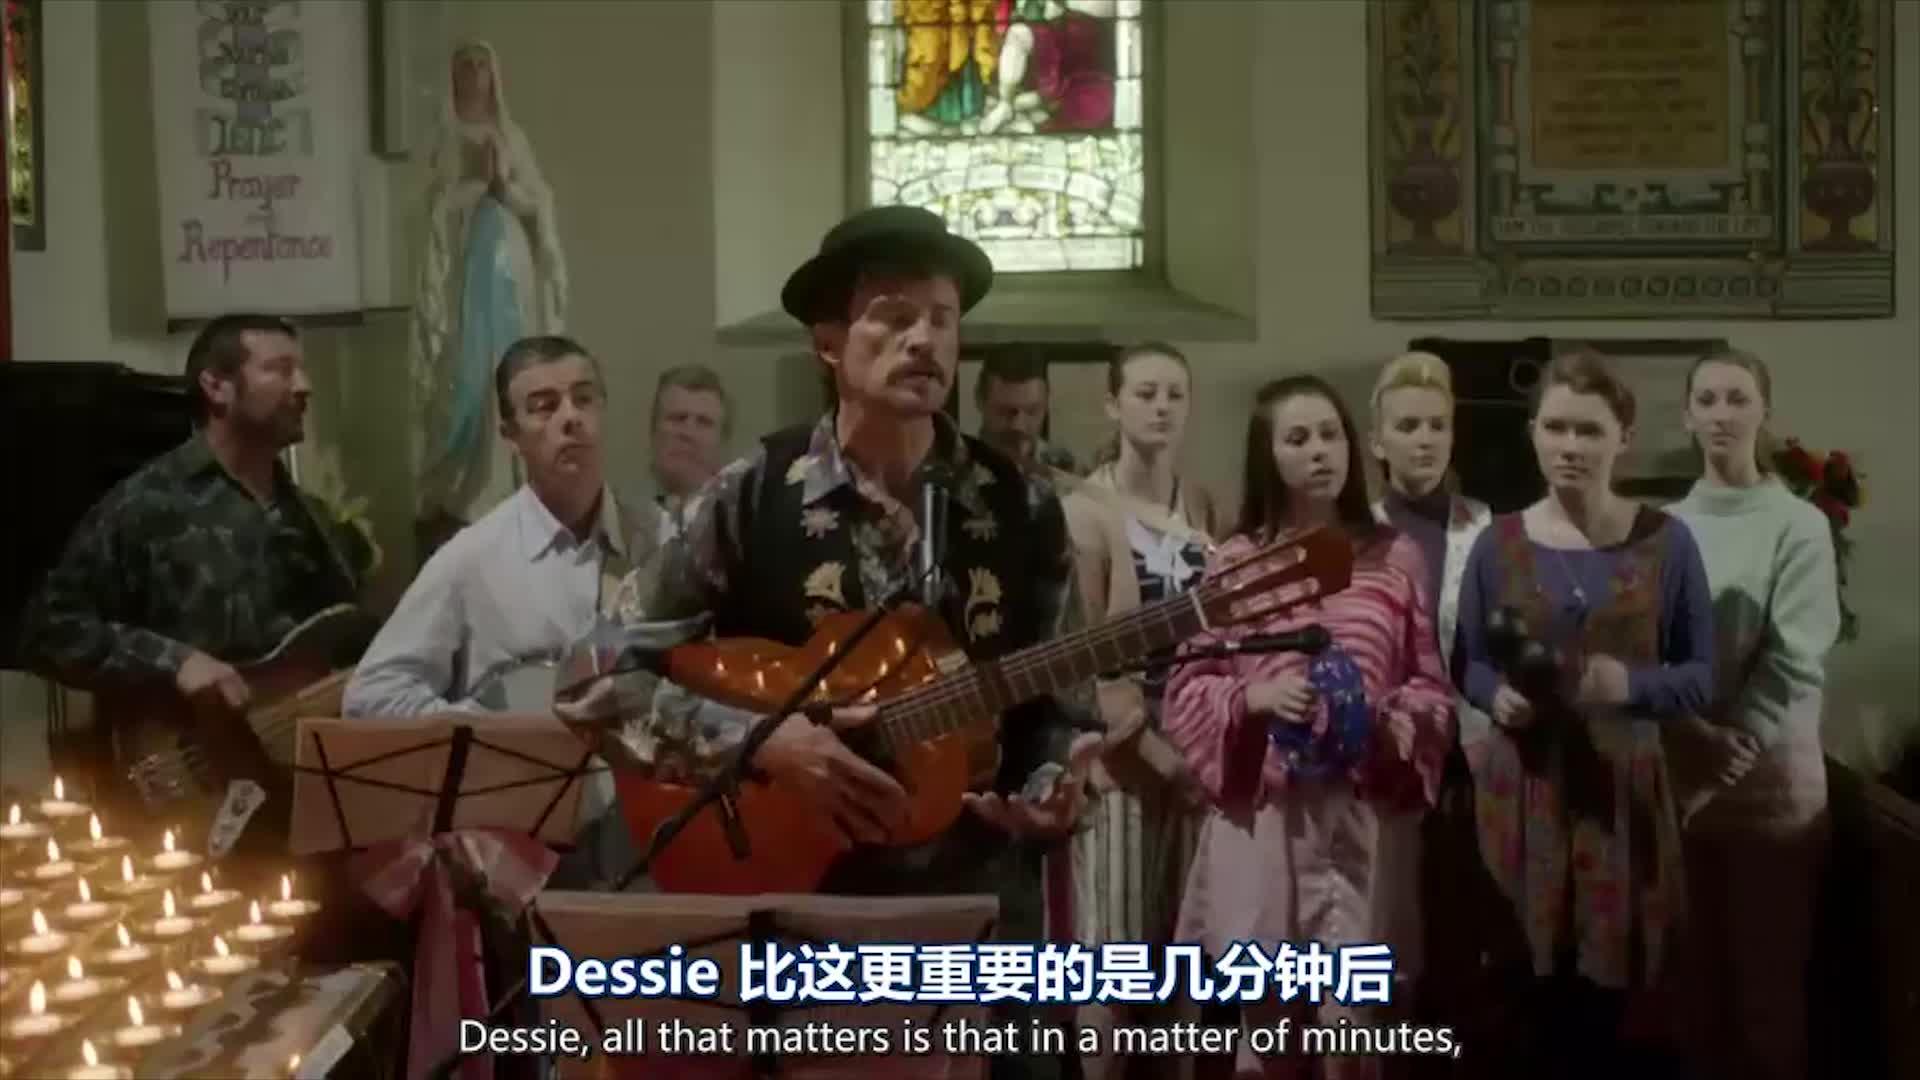 优美的歌声响起,在父亲的搀扶下,新娘缓缓入场